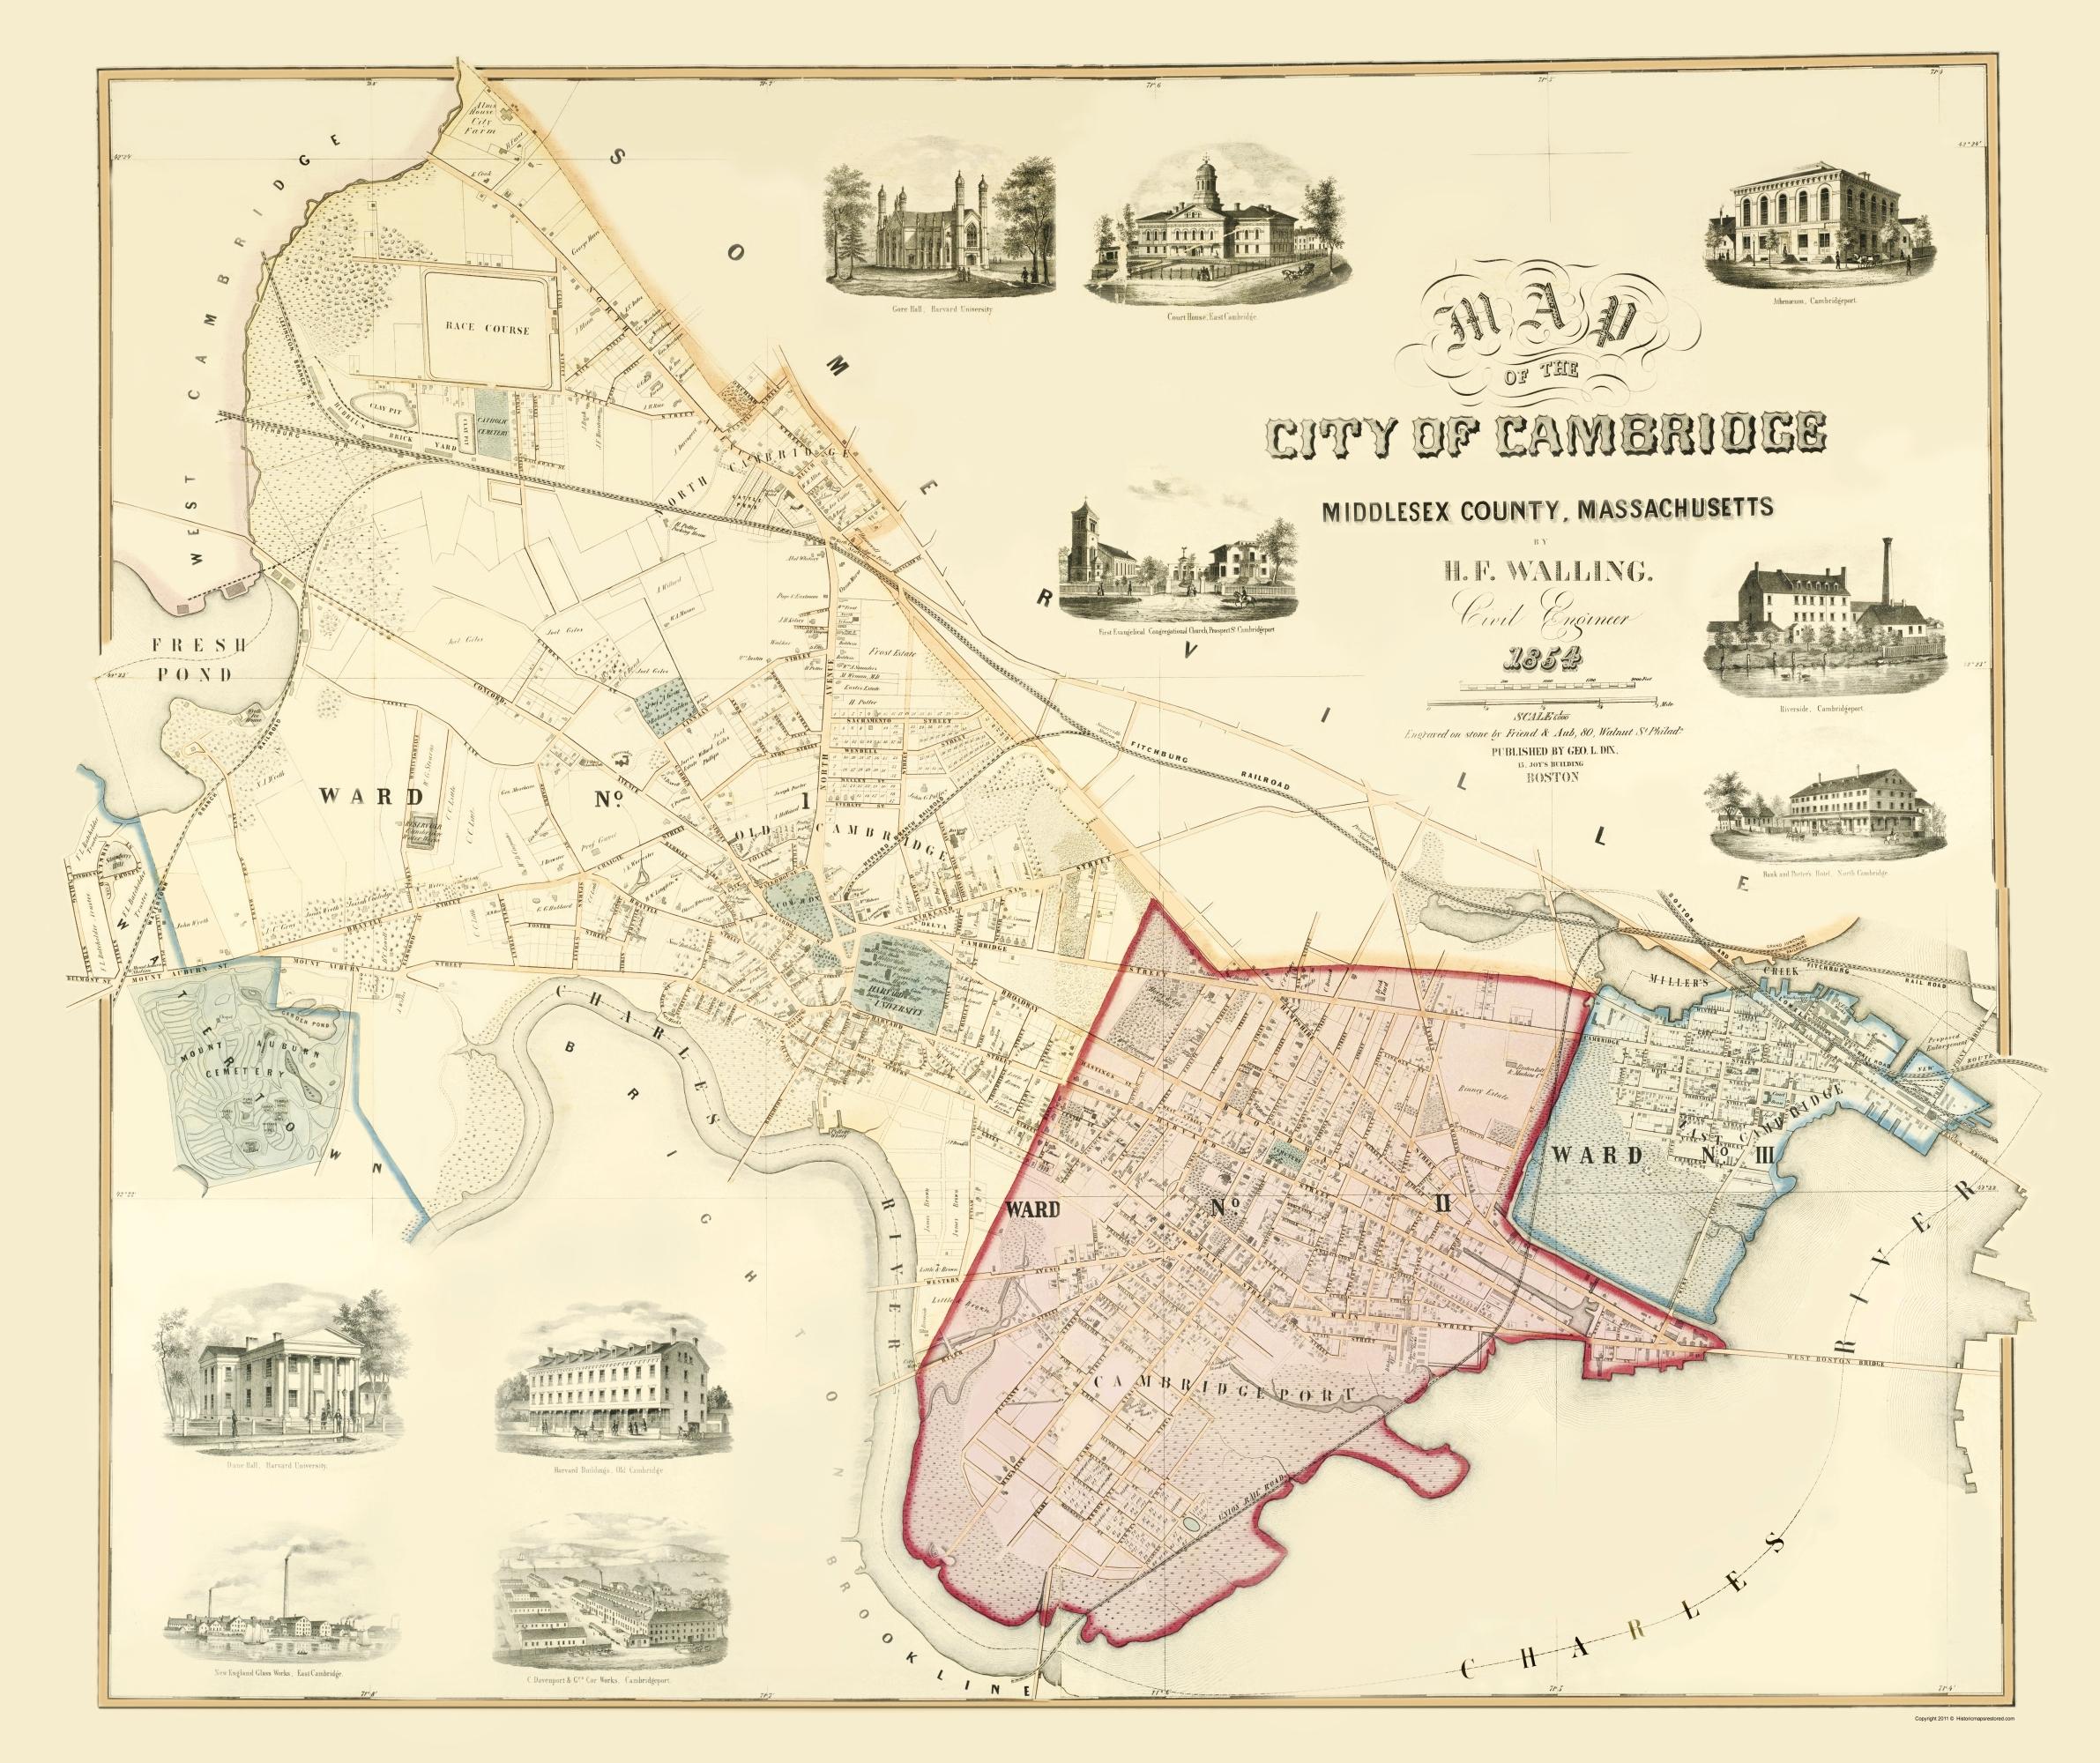 Cambridge Machusetts - Friend 1854 - 23 x 27.40 on cambridge ia map, cambridge md map, cambridge mn map, cambridge wi map, cambridge ny map, cambridge oh map, somerville cambridge boston map, cambridge id map, cambridge london map, cambridge nz map, charlotte nc map, cambridge il map, boston massachusetts city map, cambridge england map,